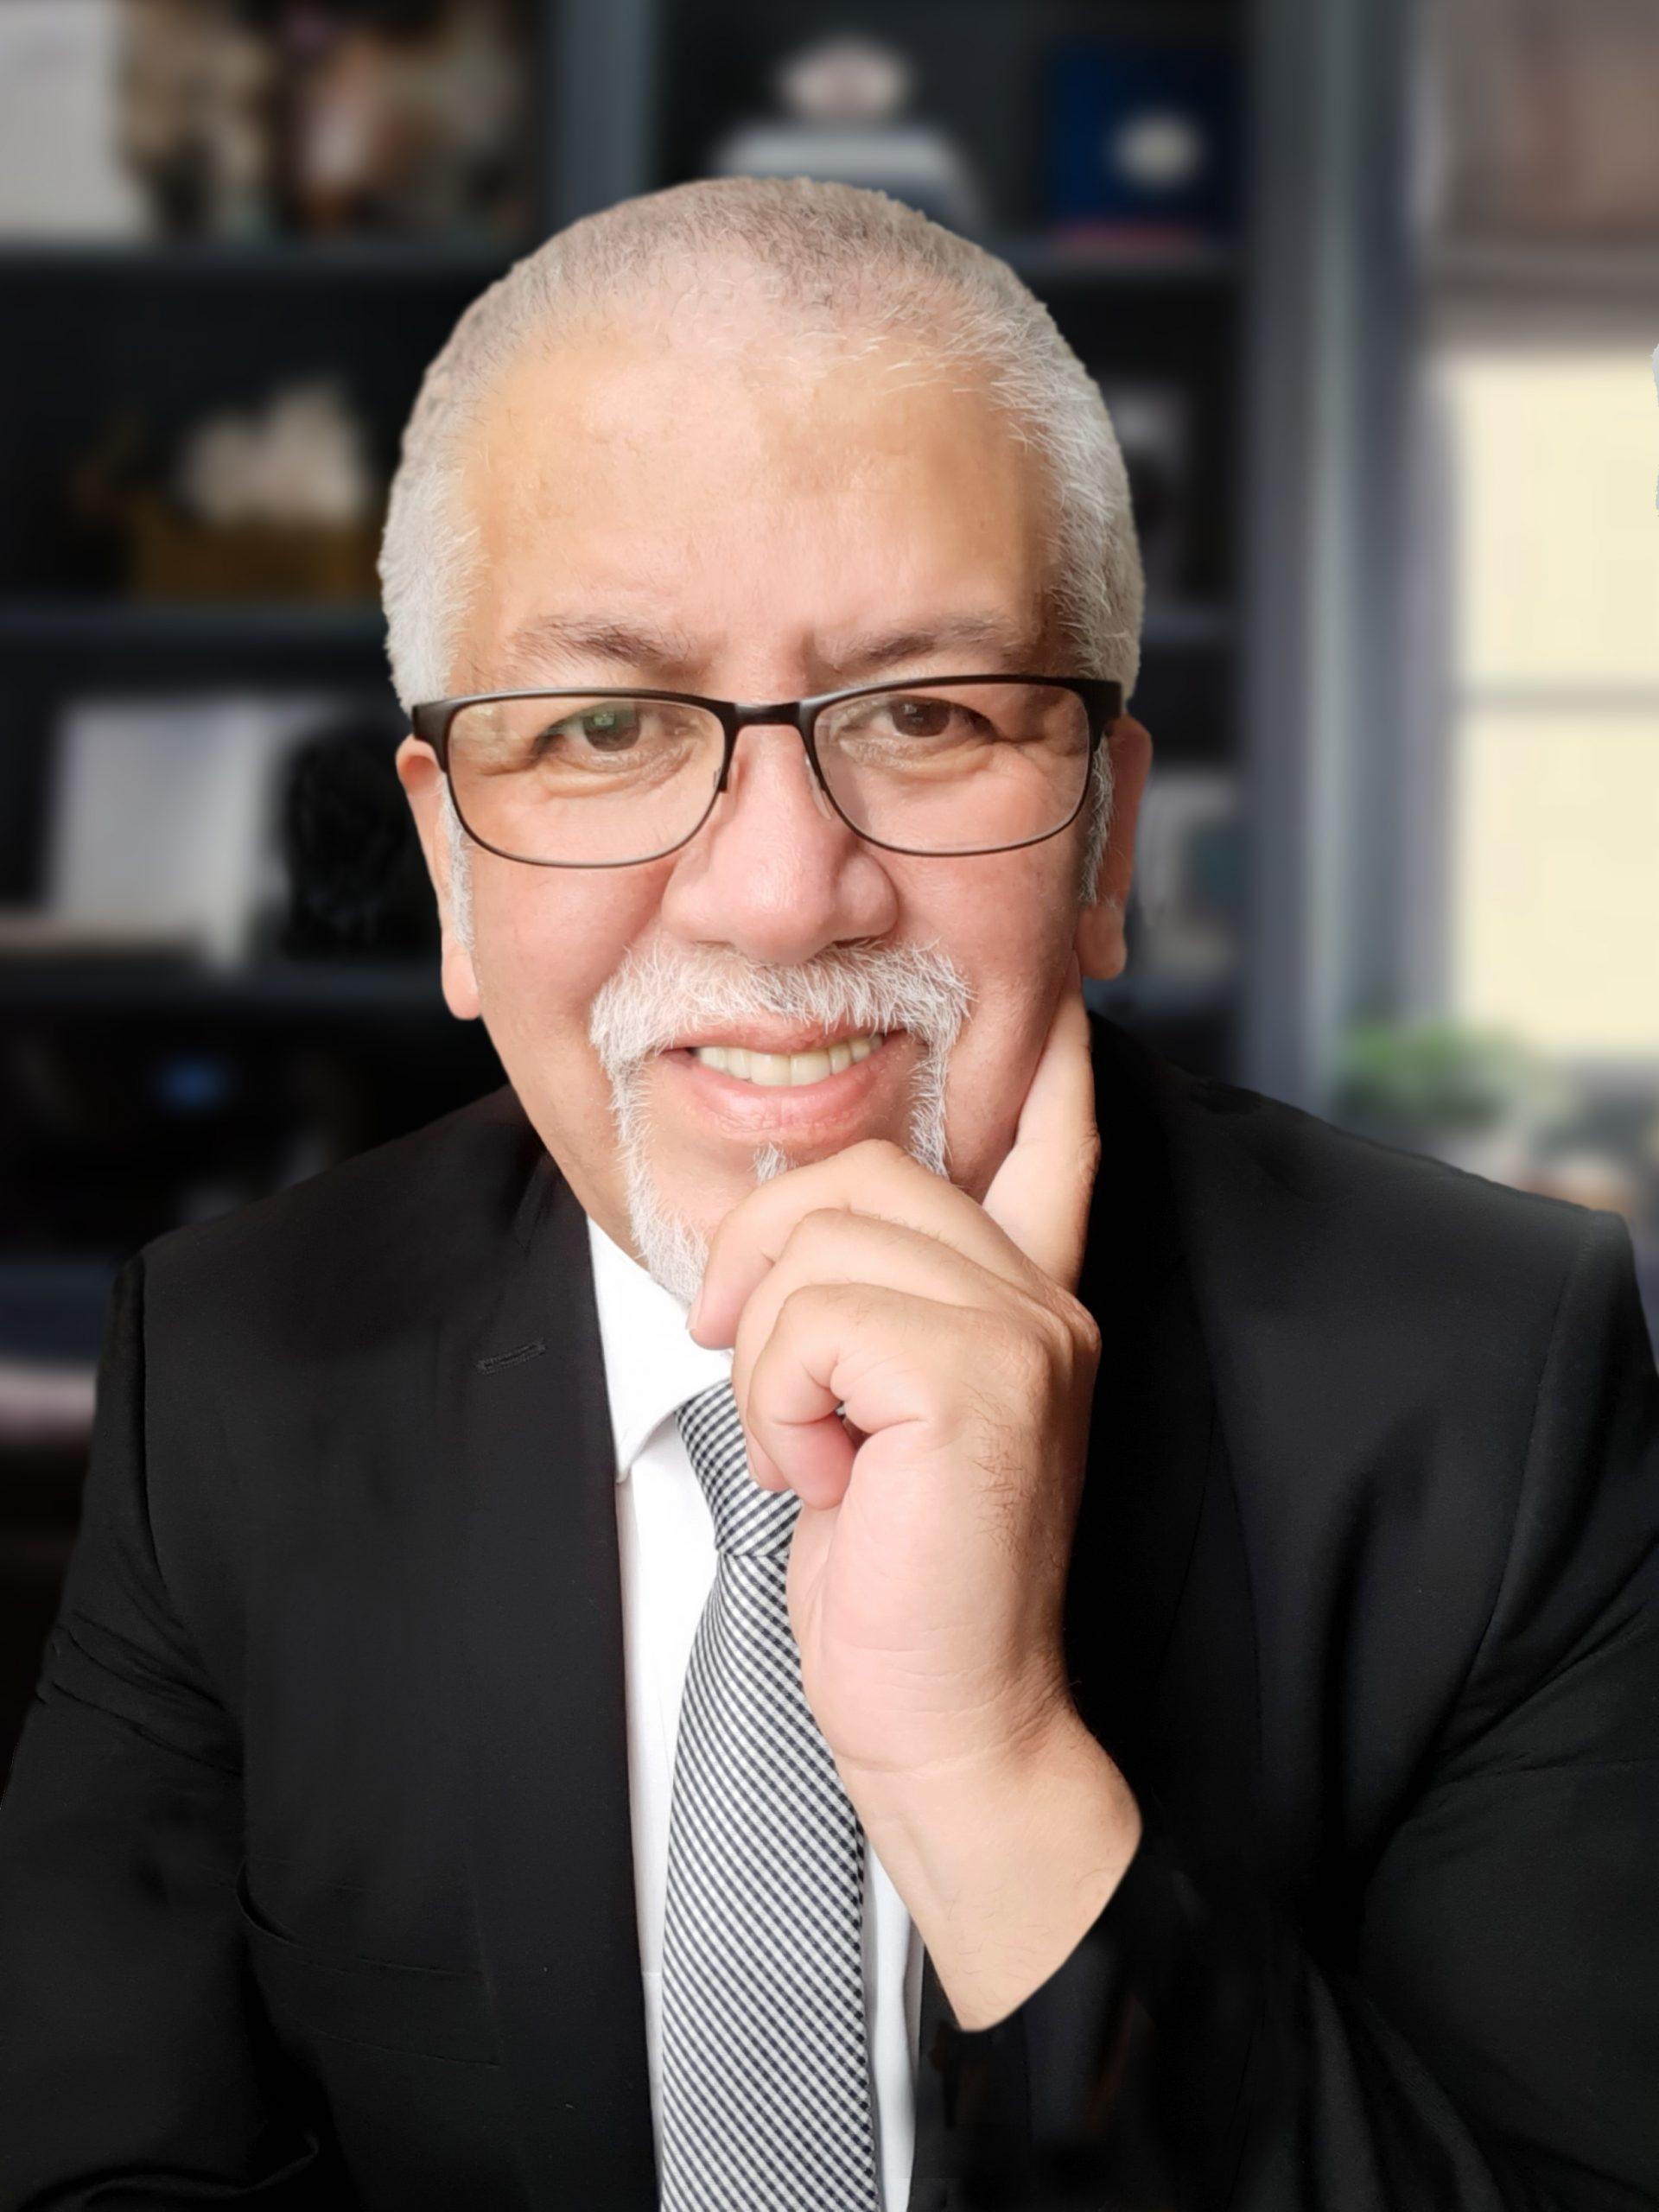 Dr Patricio Cuevas-Parras